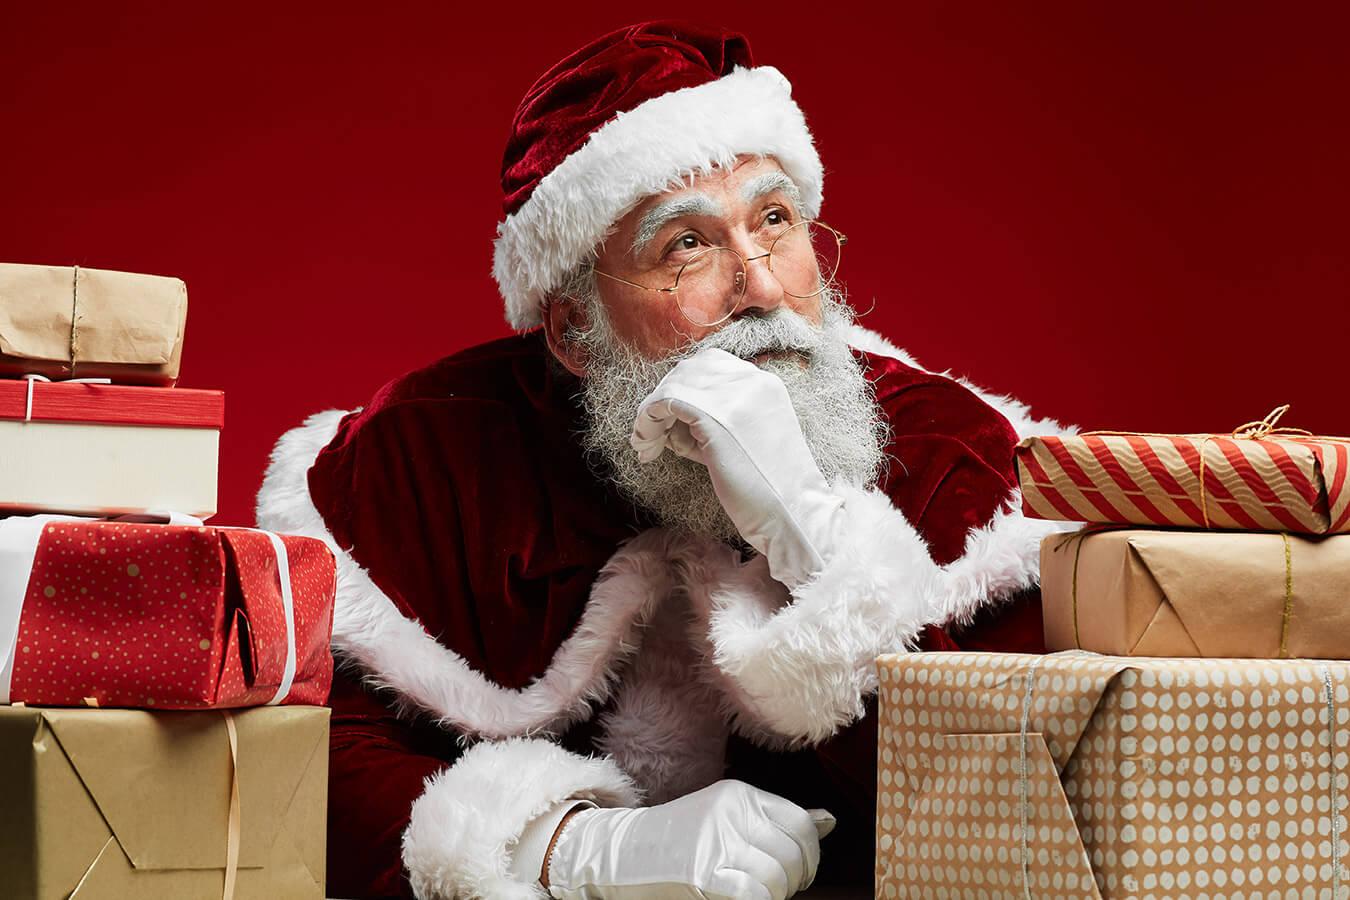 Kim był święty Mikołaj? Przedstawiamy prawdziwą historię świętego